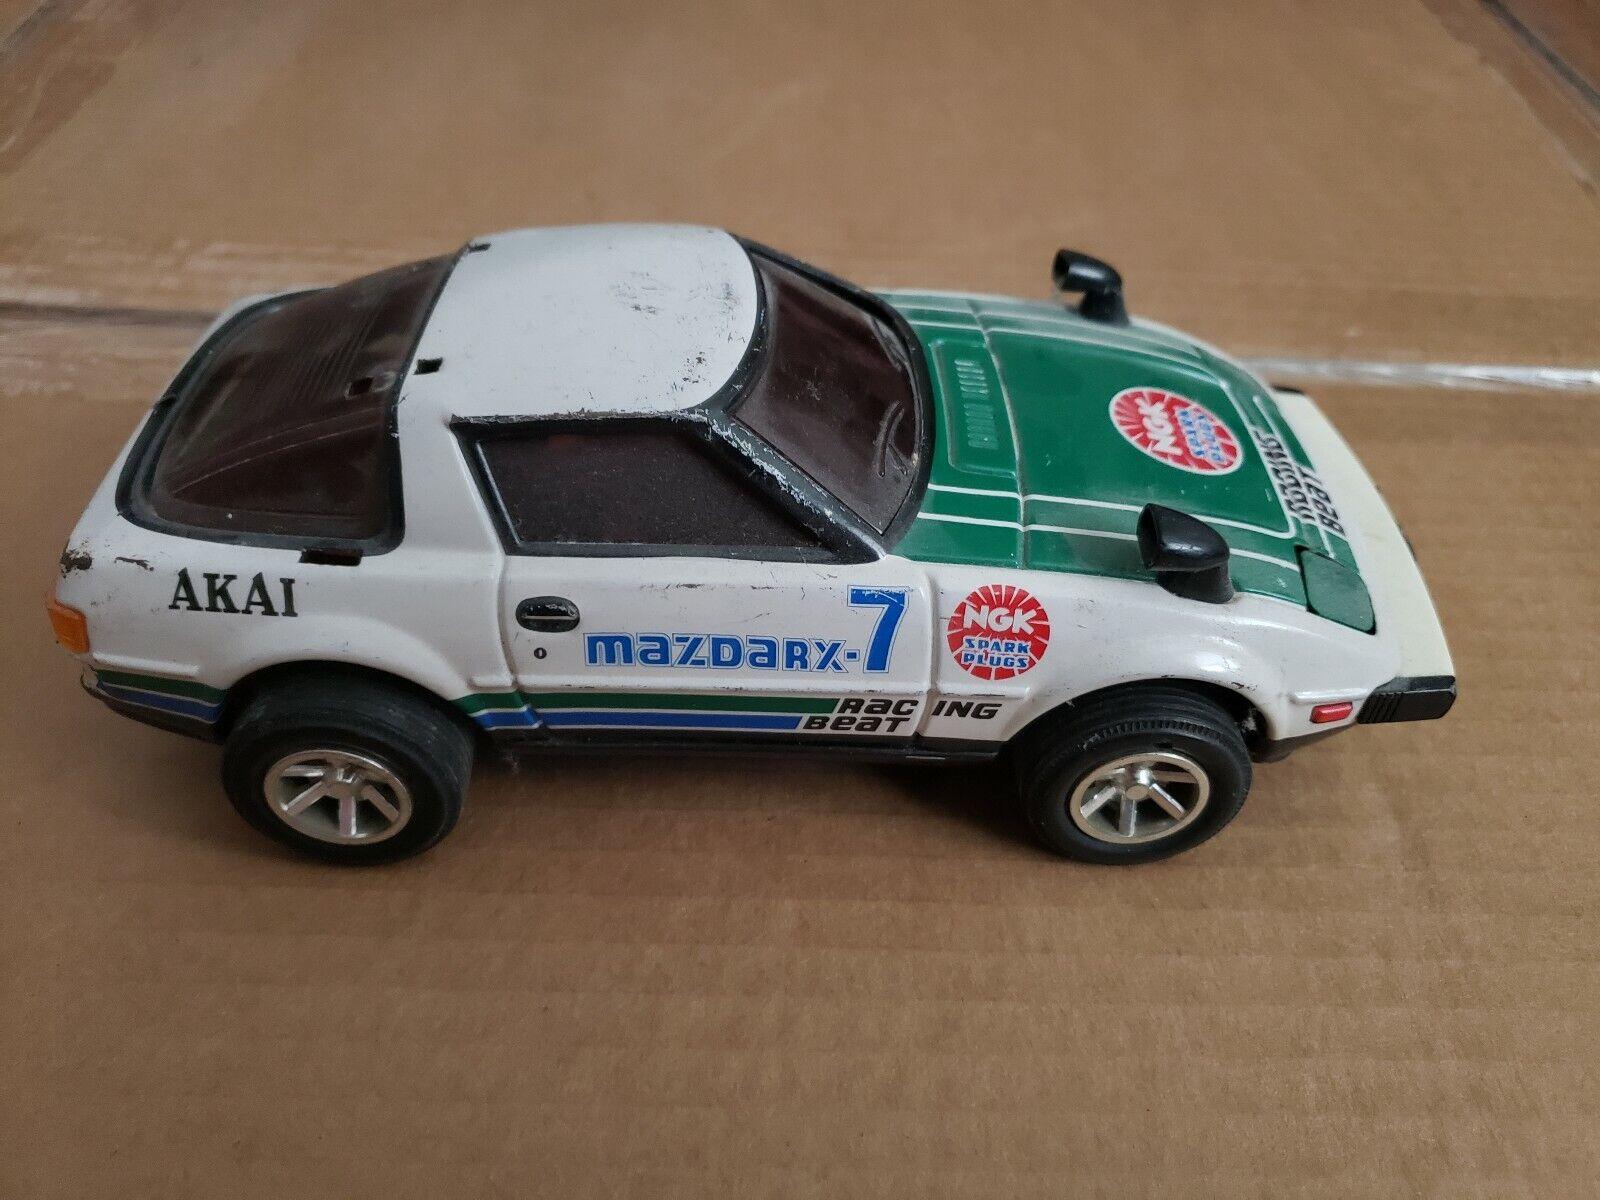 Vintage Rare Masuda tribimet Mazda Rx7 Tin voiture jouet